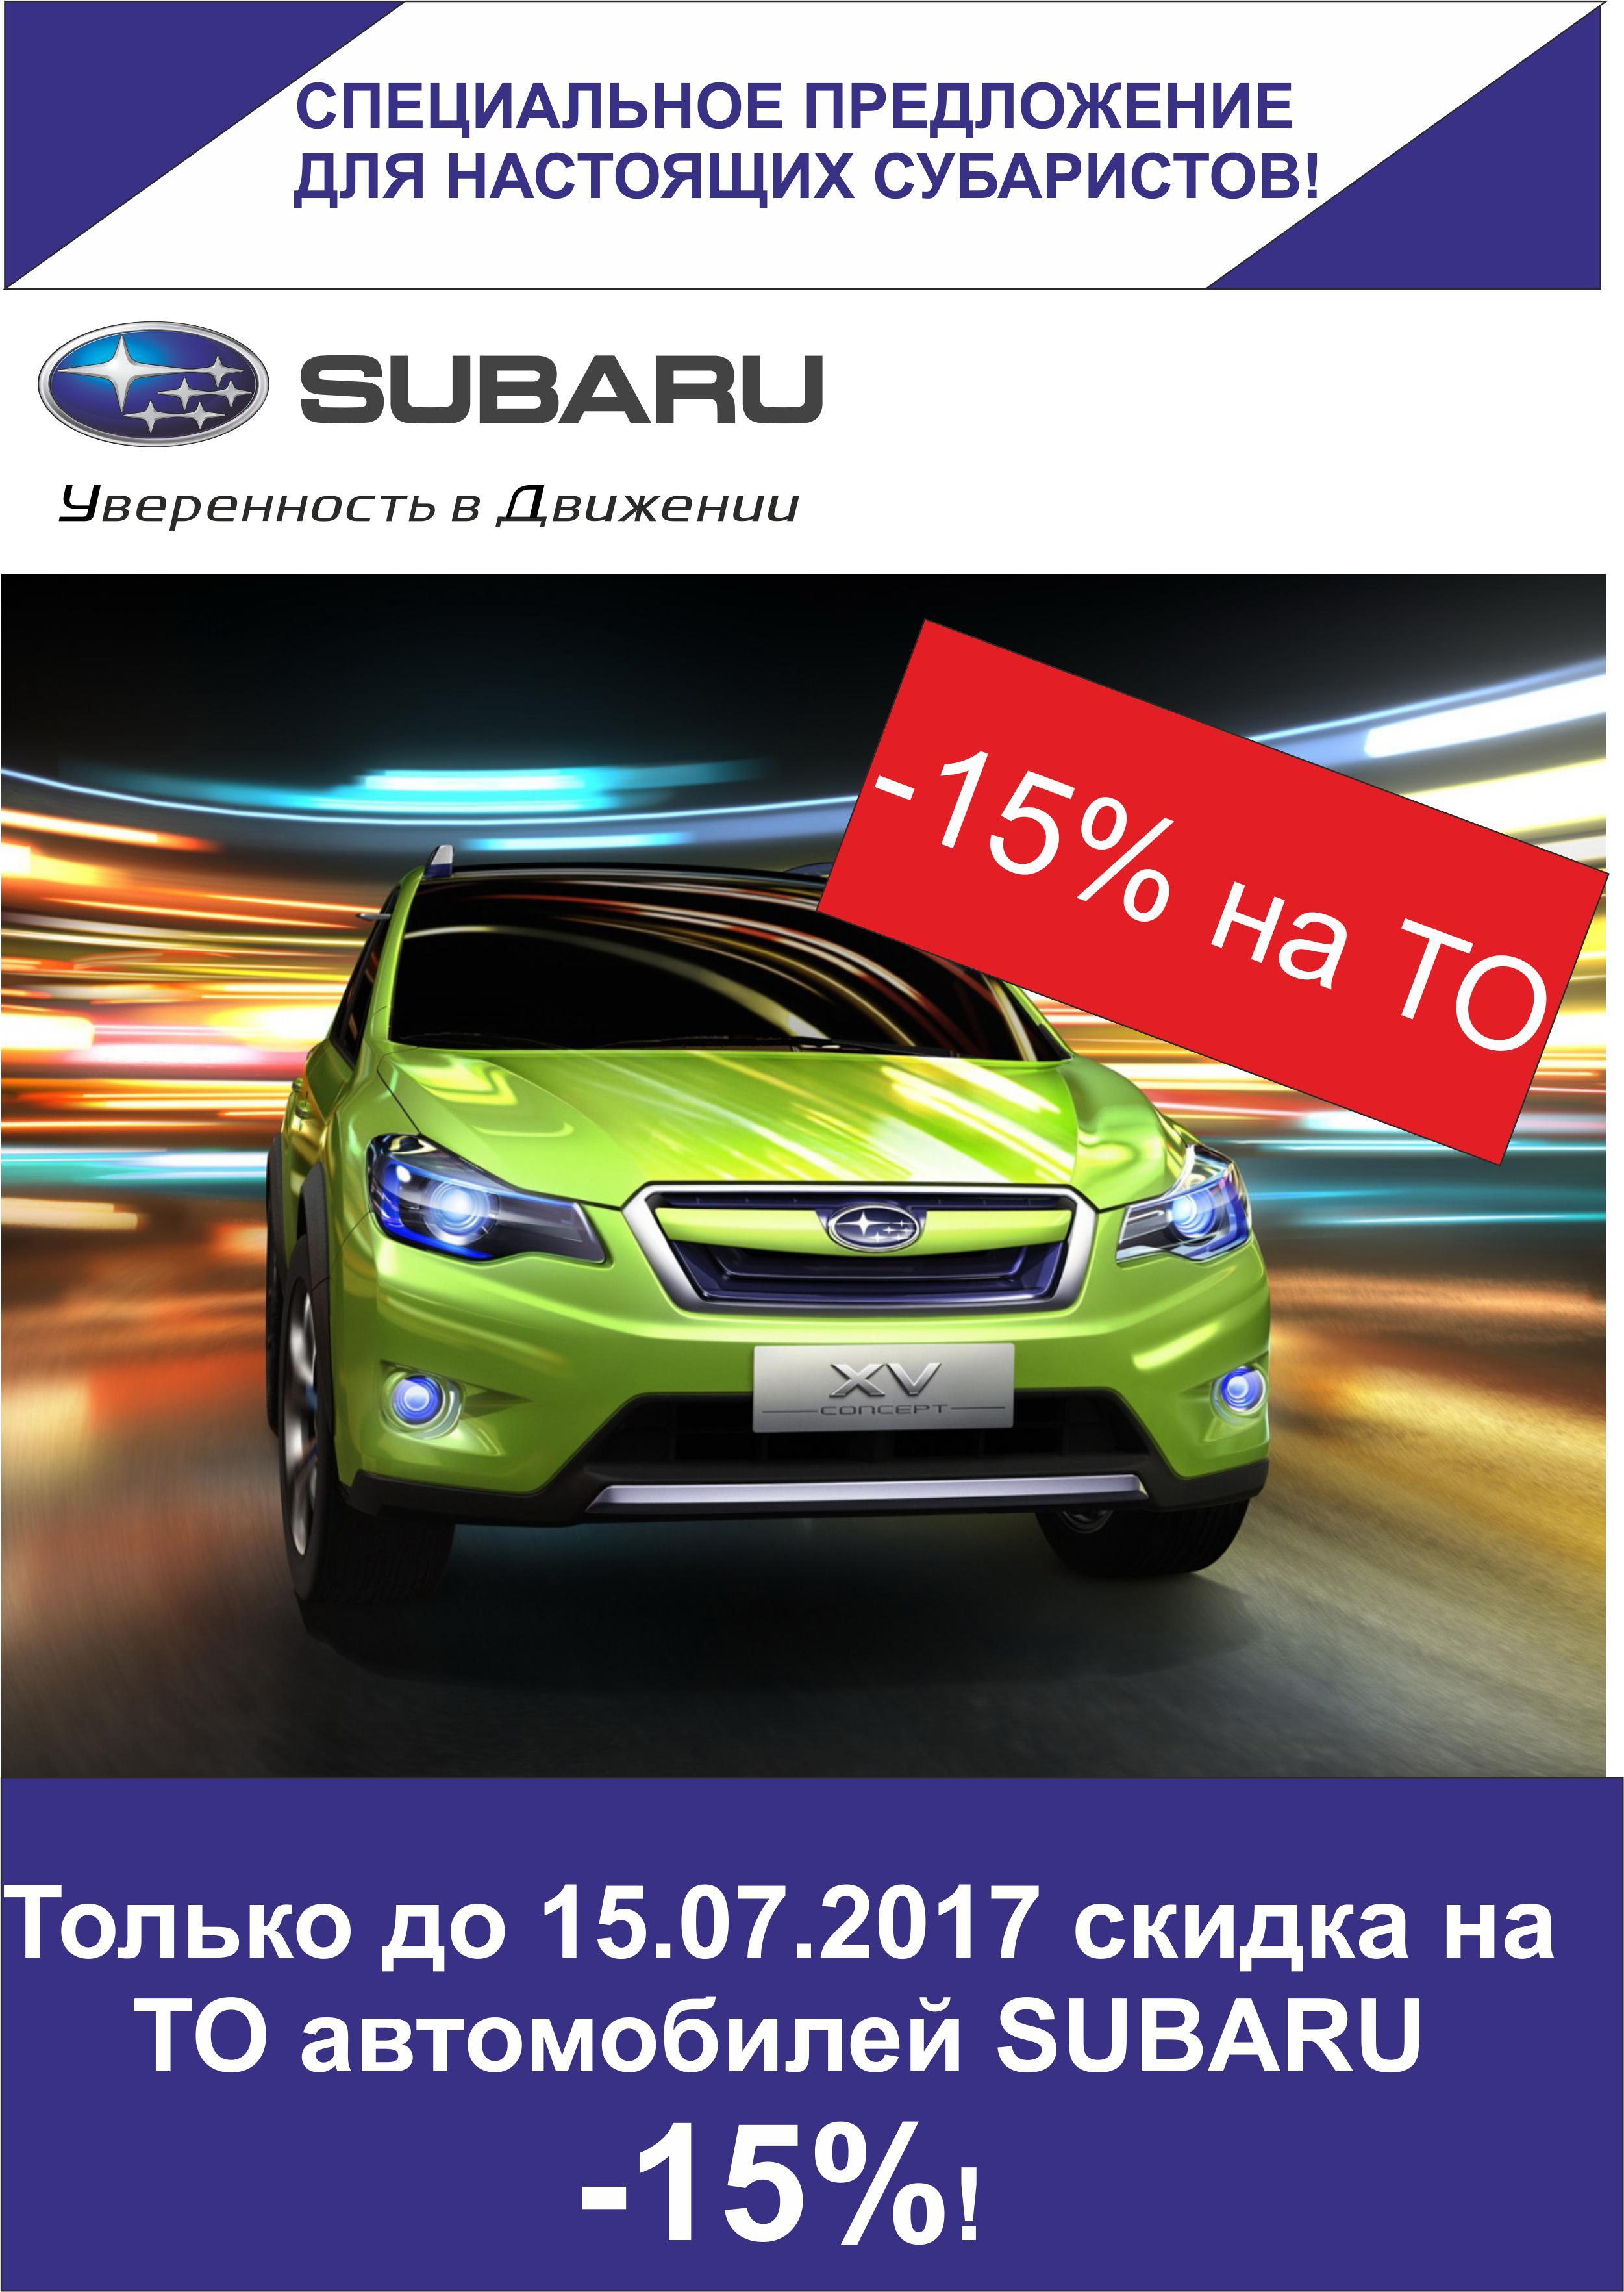 Уникальное сервисное предложение: ТО -15%